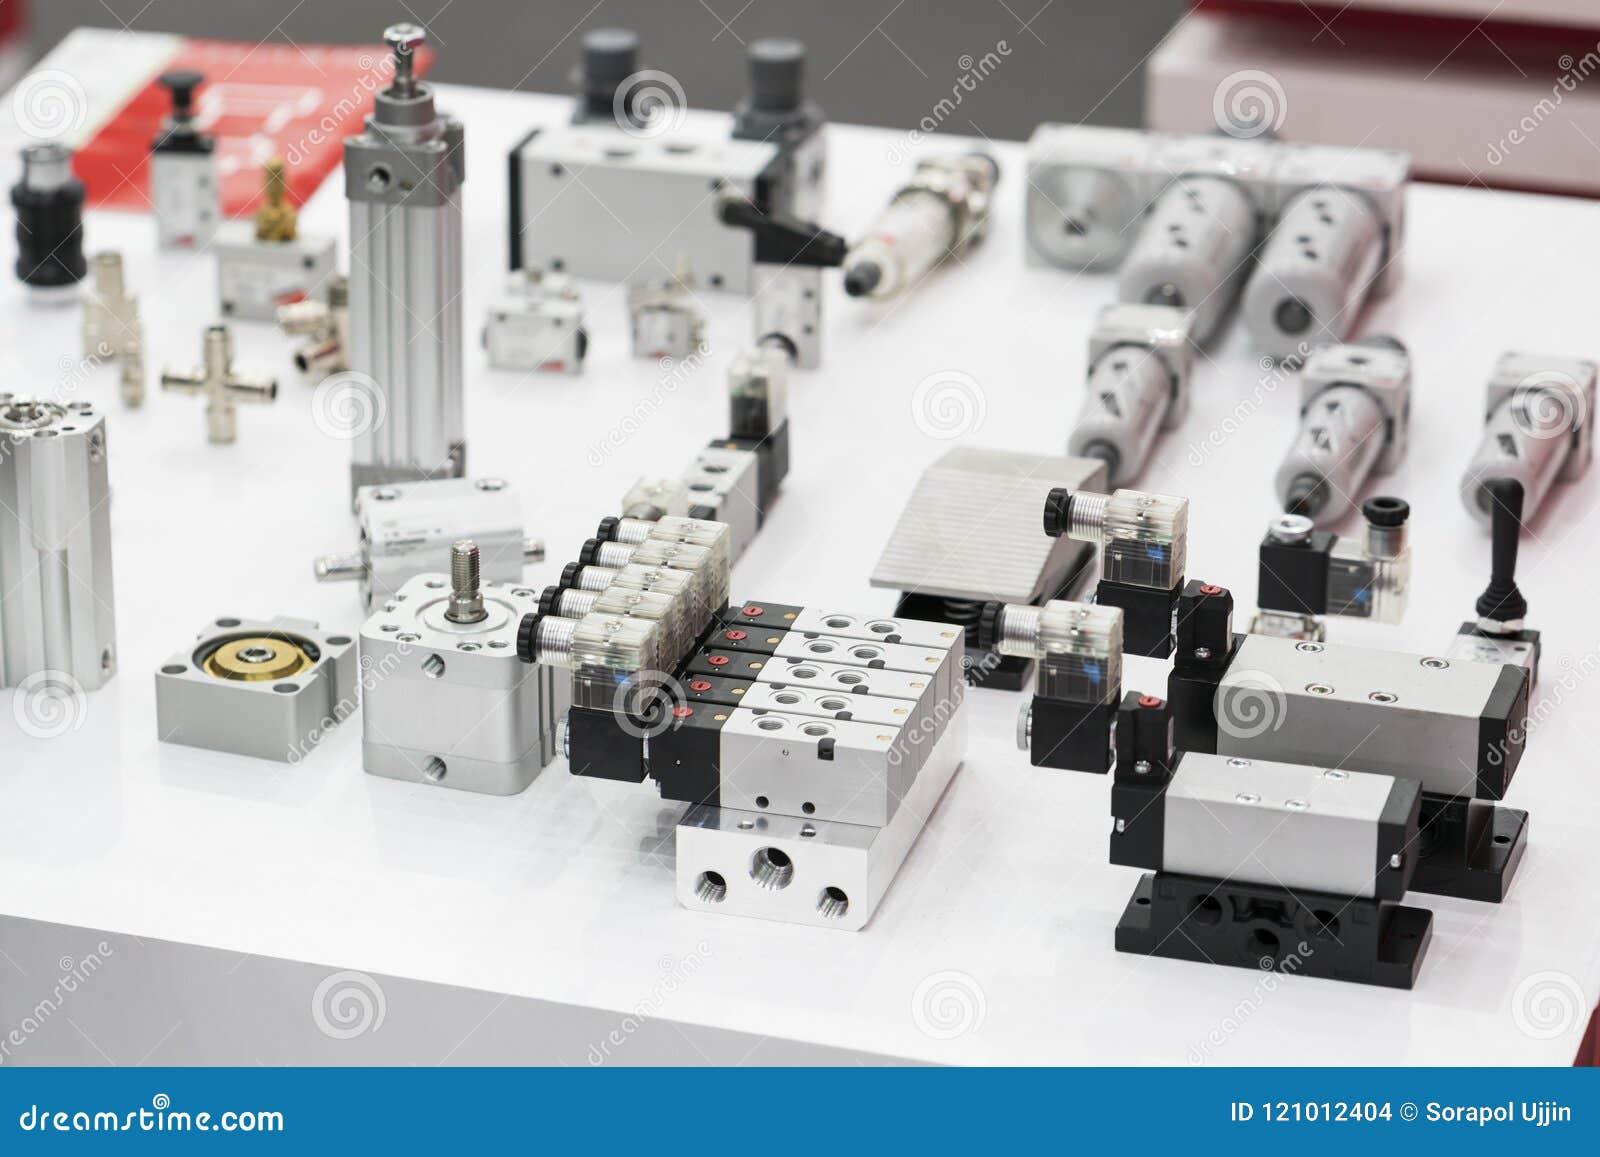 Industrial solenoid valve for liquid, oil, air, pneumatic, hydra